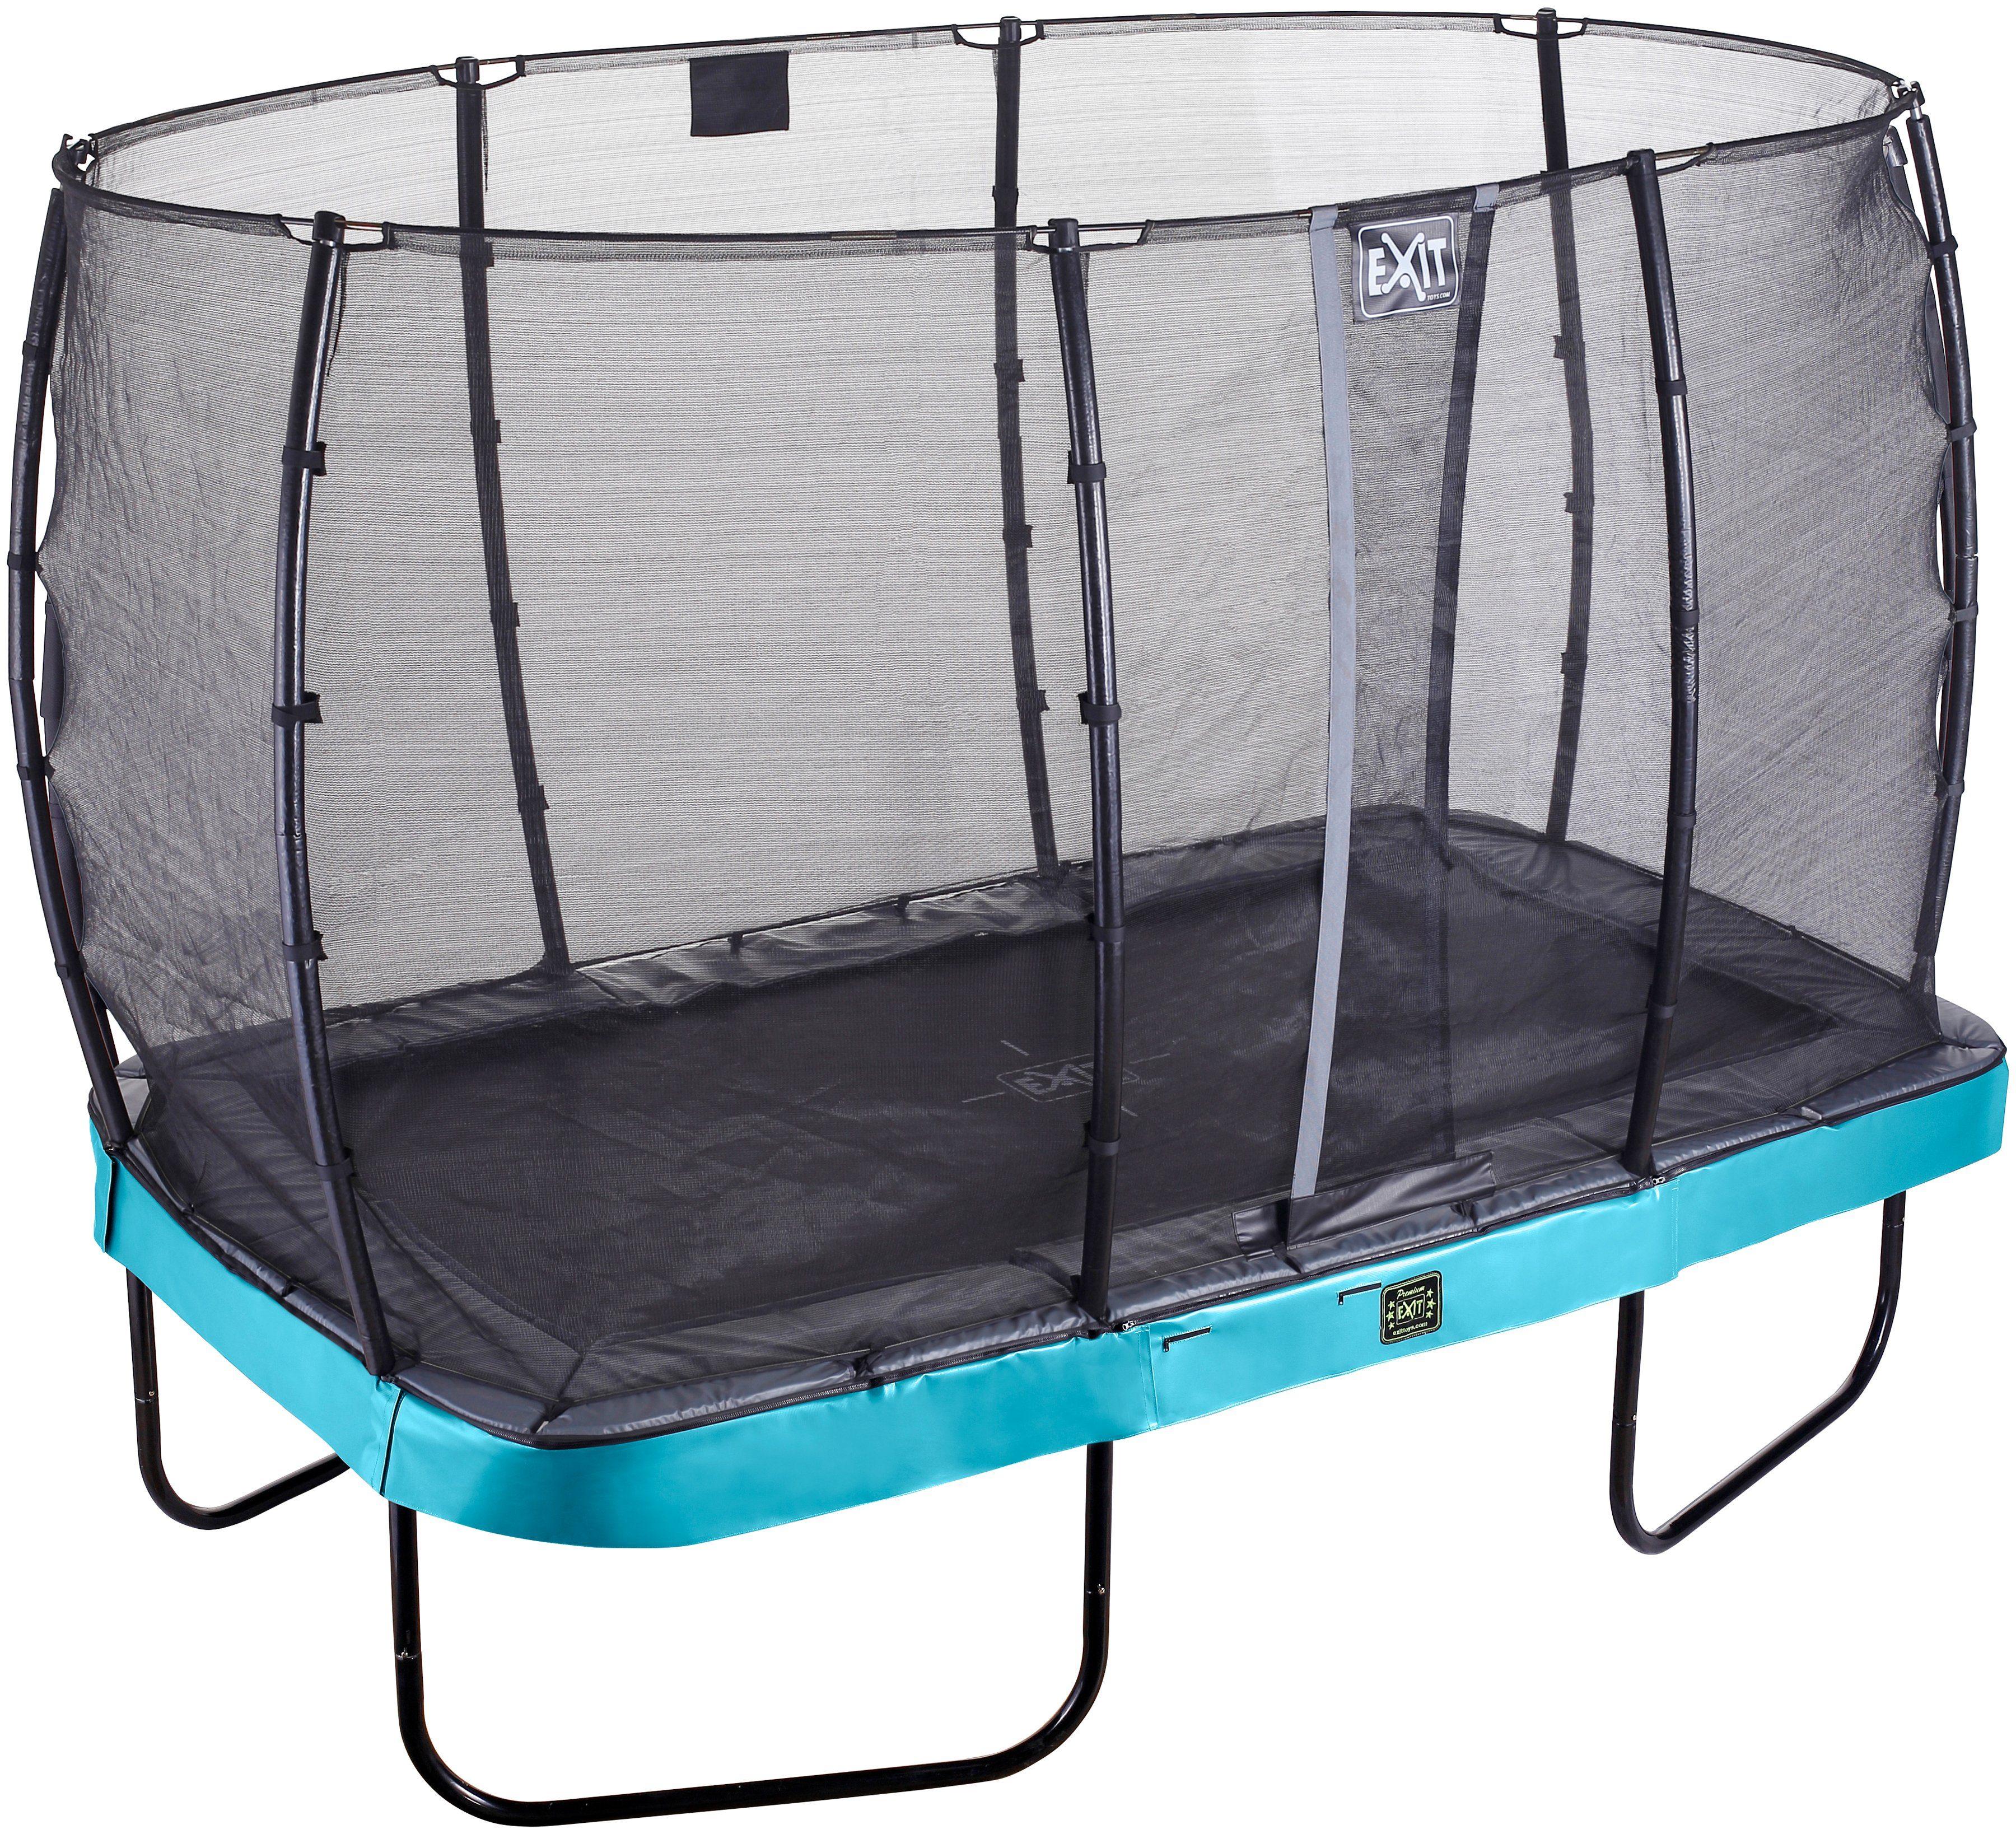 EXIT Trampolin »Elegant Premium«, BxT: 214x366 cm, mit Sicherheitsnetz Economy blau